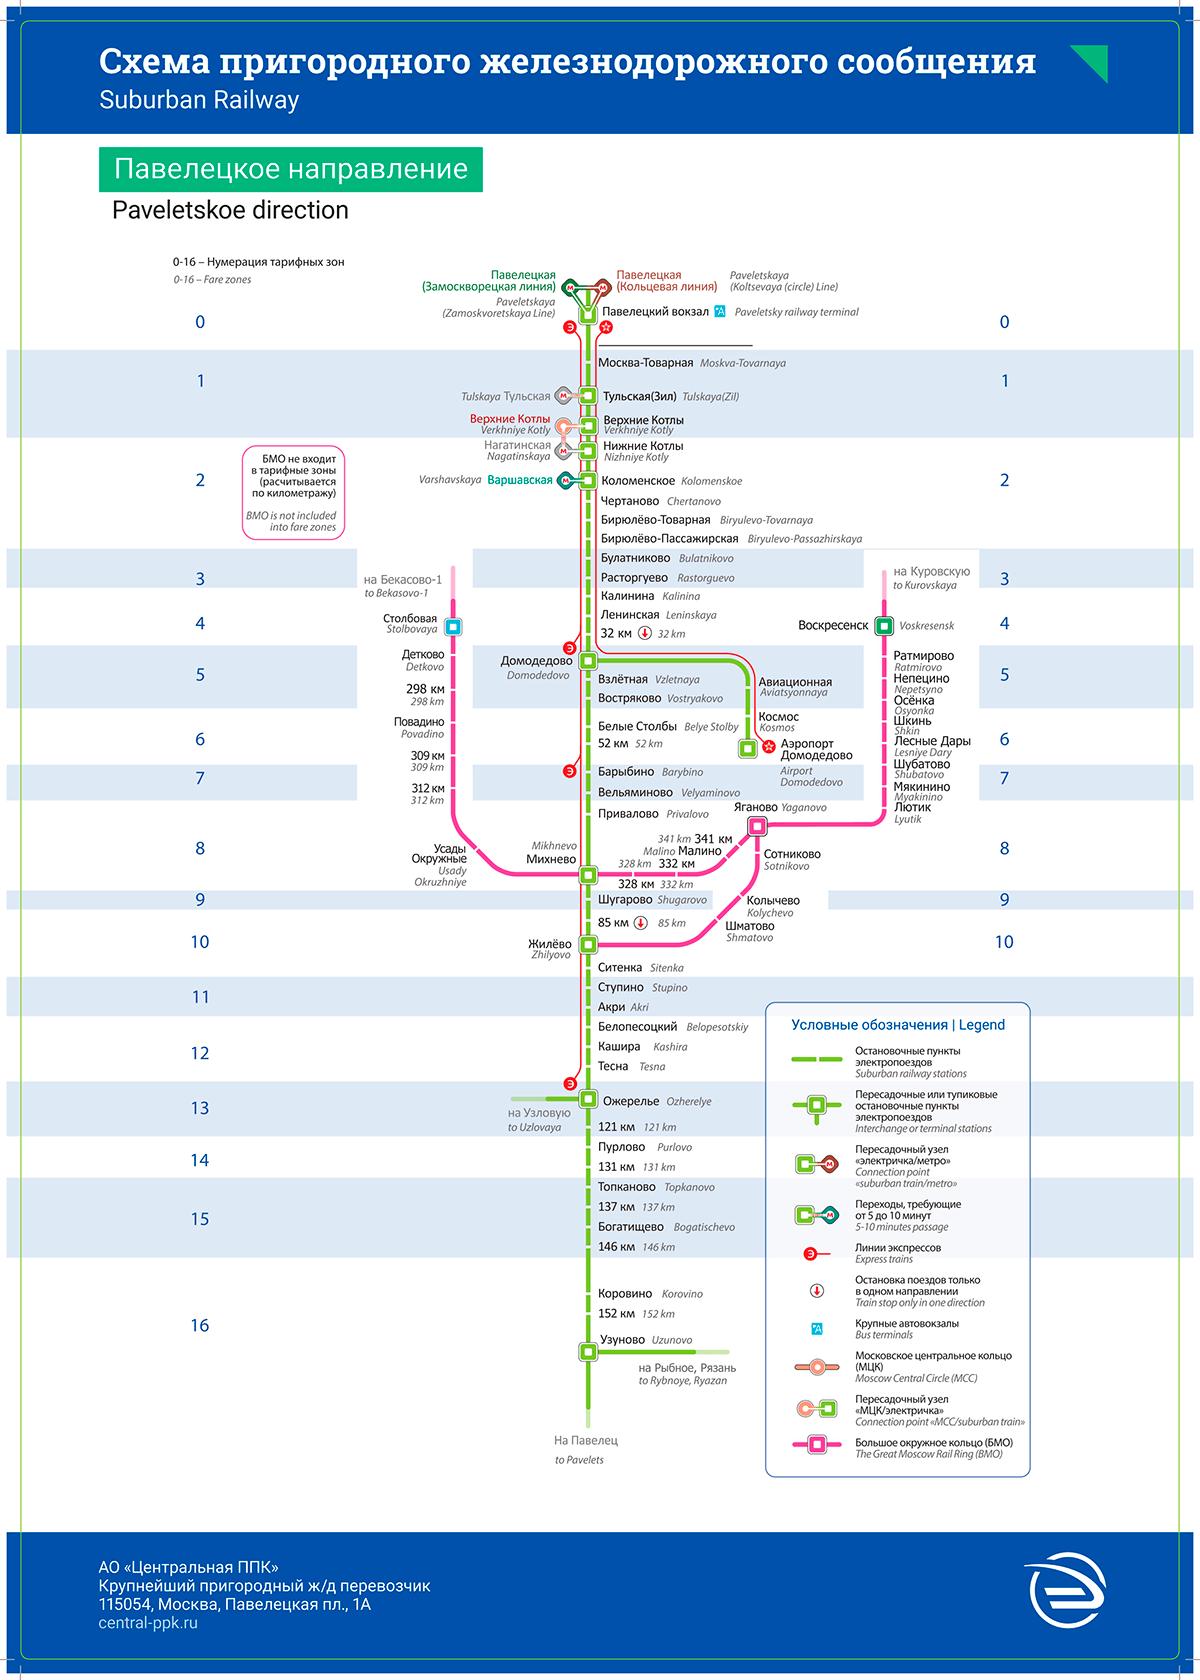 Схема движения пригородных электропоездов Павелецкого направления